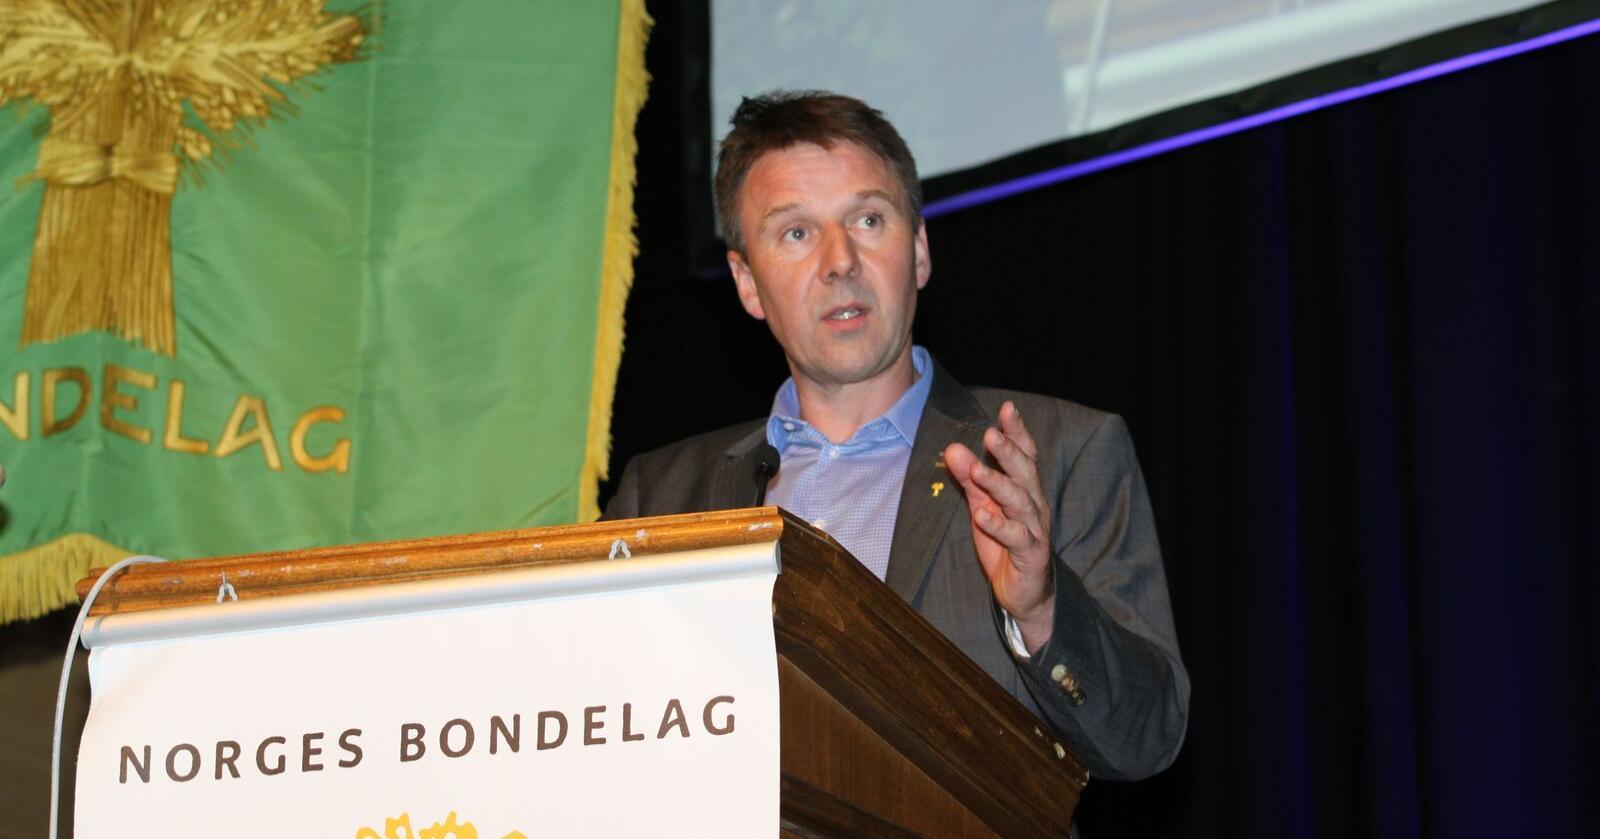 Lars Petter Bartnes advarer i sin tale til Bondetinget regjeringa mot å gi vekk norsk verdiskapning. Dette bildet er tatt på et tidligere årsmøtet, da årets gjennomføres digitalt. (Foto: Iver Gamme)